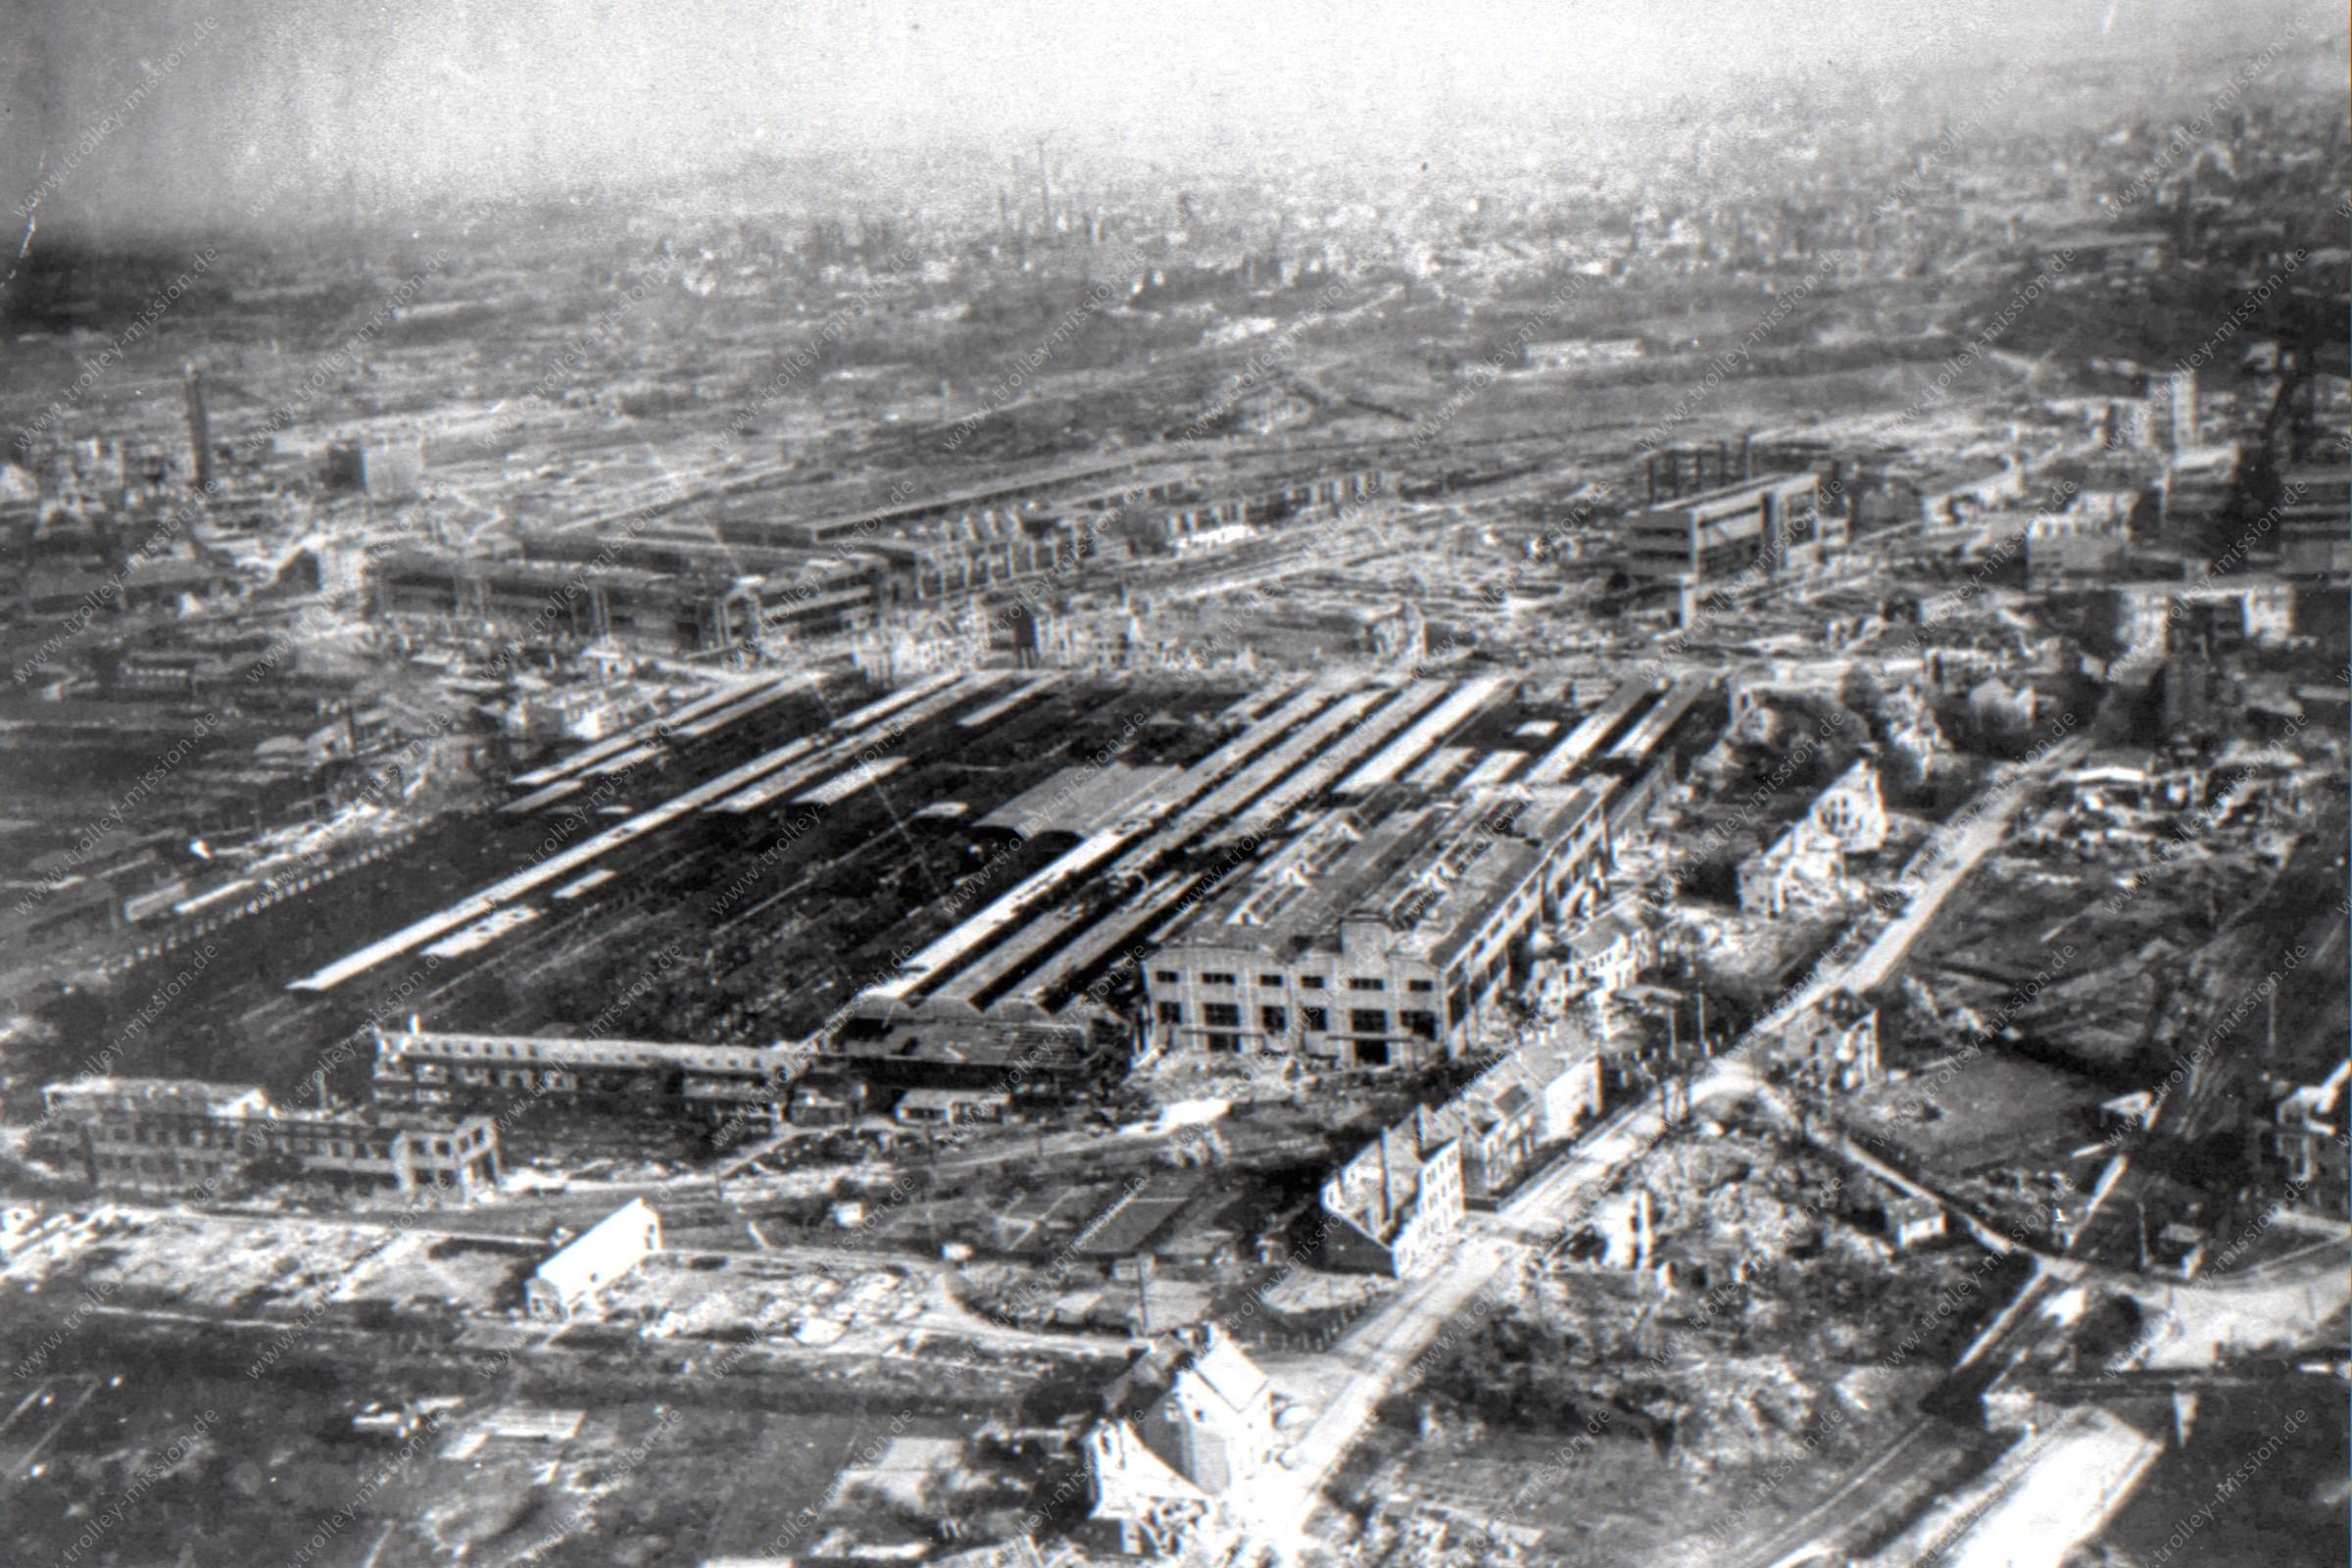 Lokomotiven- und Waggonbaufabrik (LOWA) der Friedrich Krupp AG in Essen nach den Fliegerbomben im Zweiten Weltkrieg